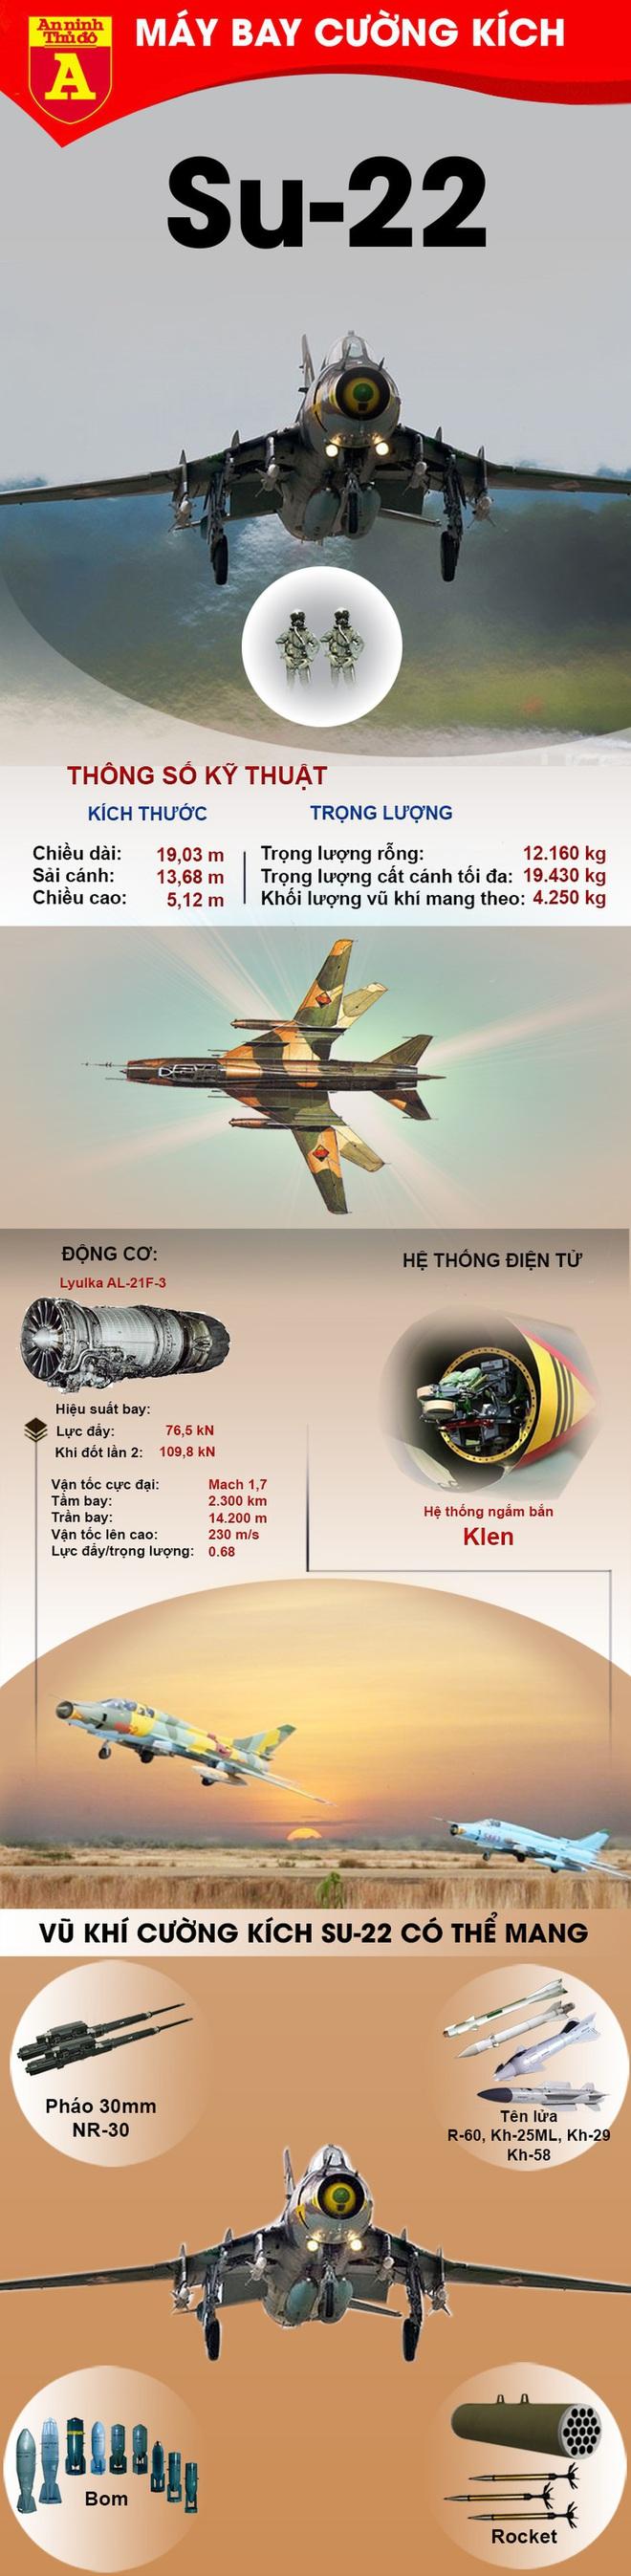 Đôi cánh ma thuật Su-22 gieo rắc kinh hoàng cho phiến quân thân Thổ Nhĩ Kỳ - ảnh 1